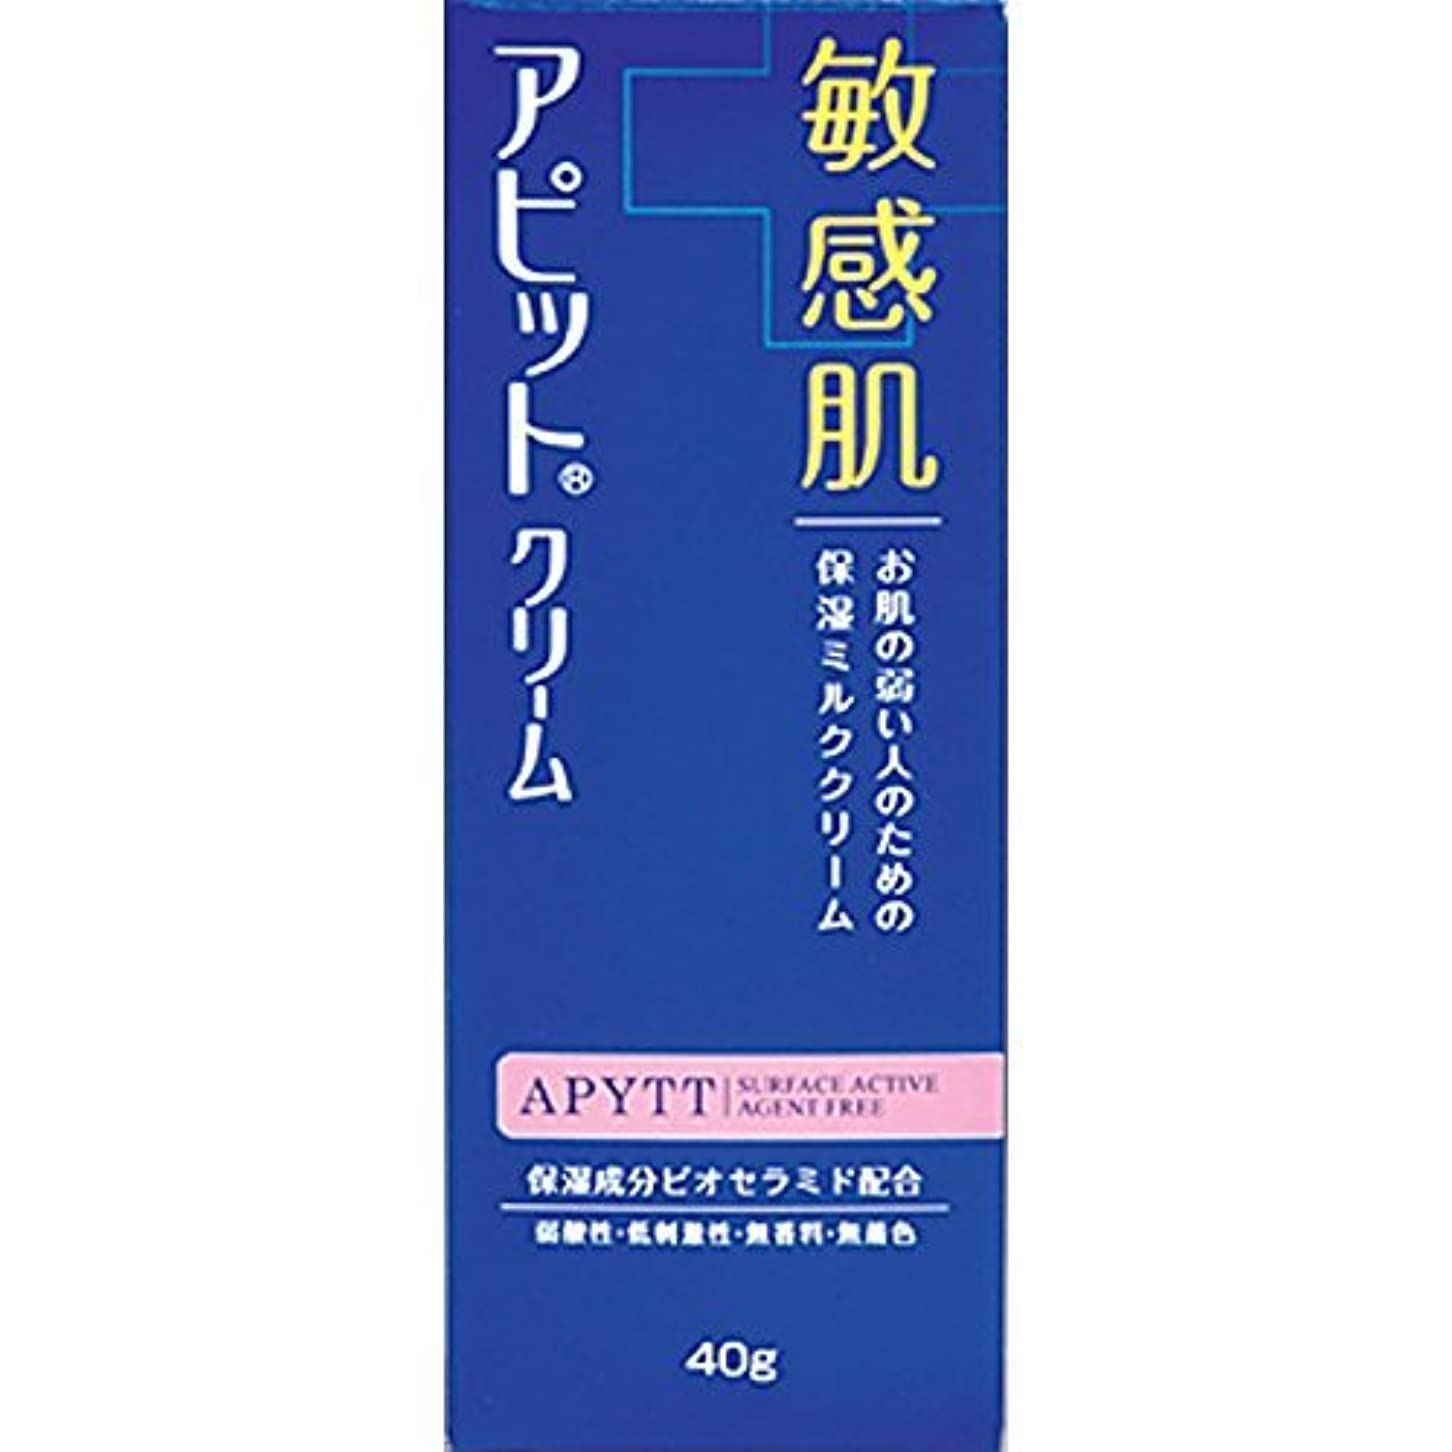 無数の純粋な変わる全薬工業 アピットクリーム 40g (医薬部外品)